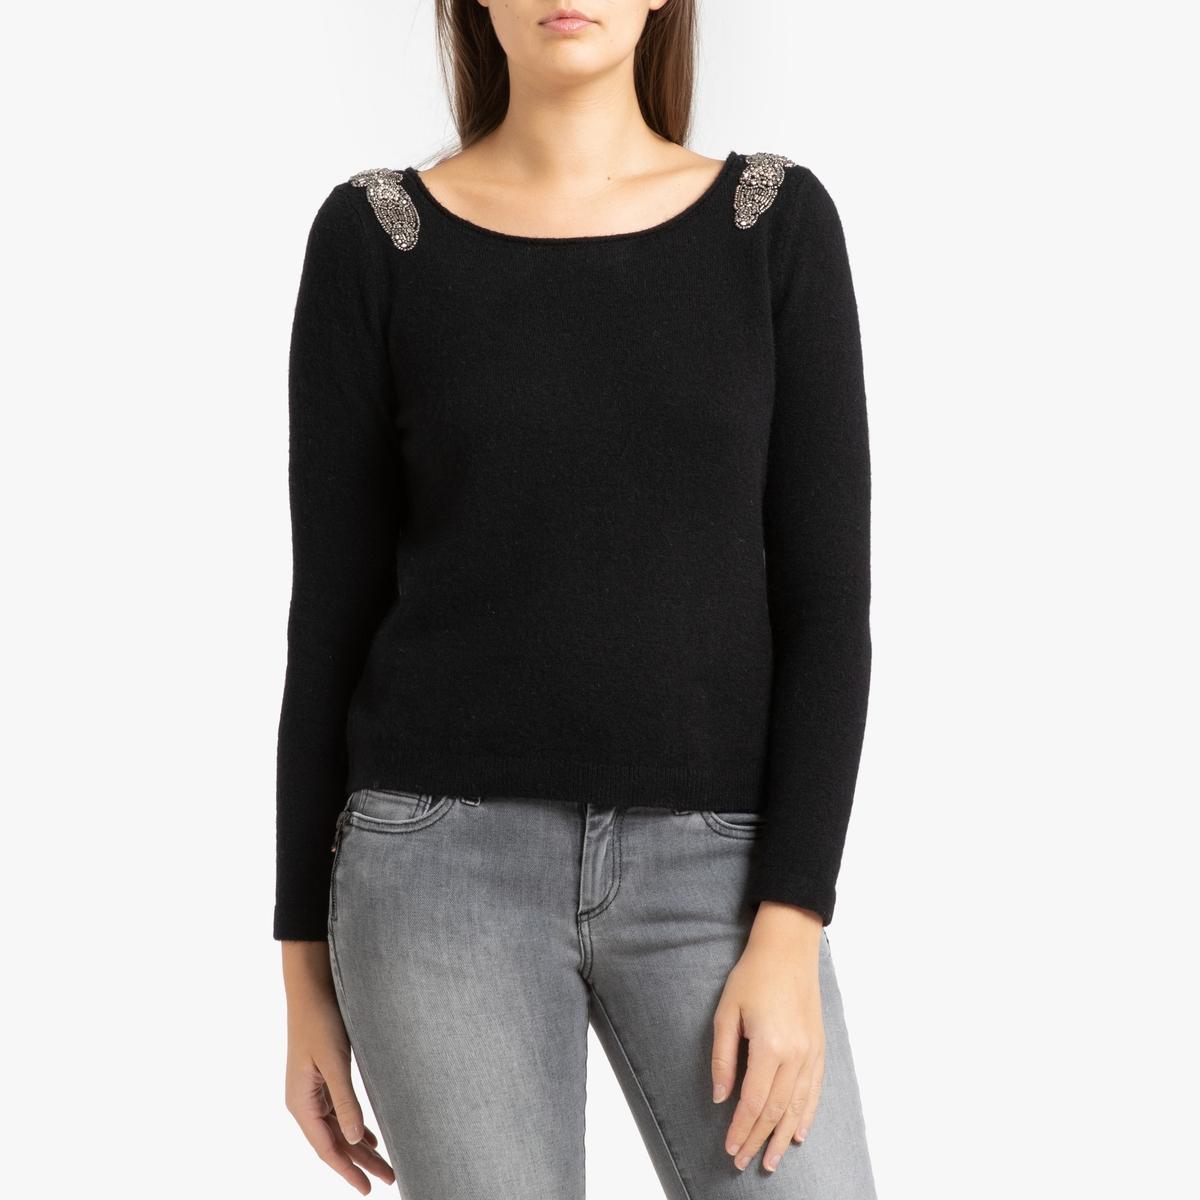 Пуловер La Redoute Из трикотажа с бусинами на плечах XS черный цена